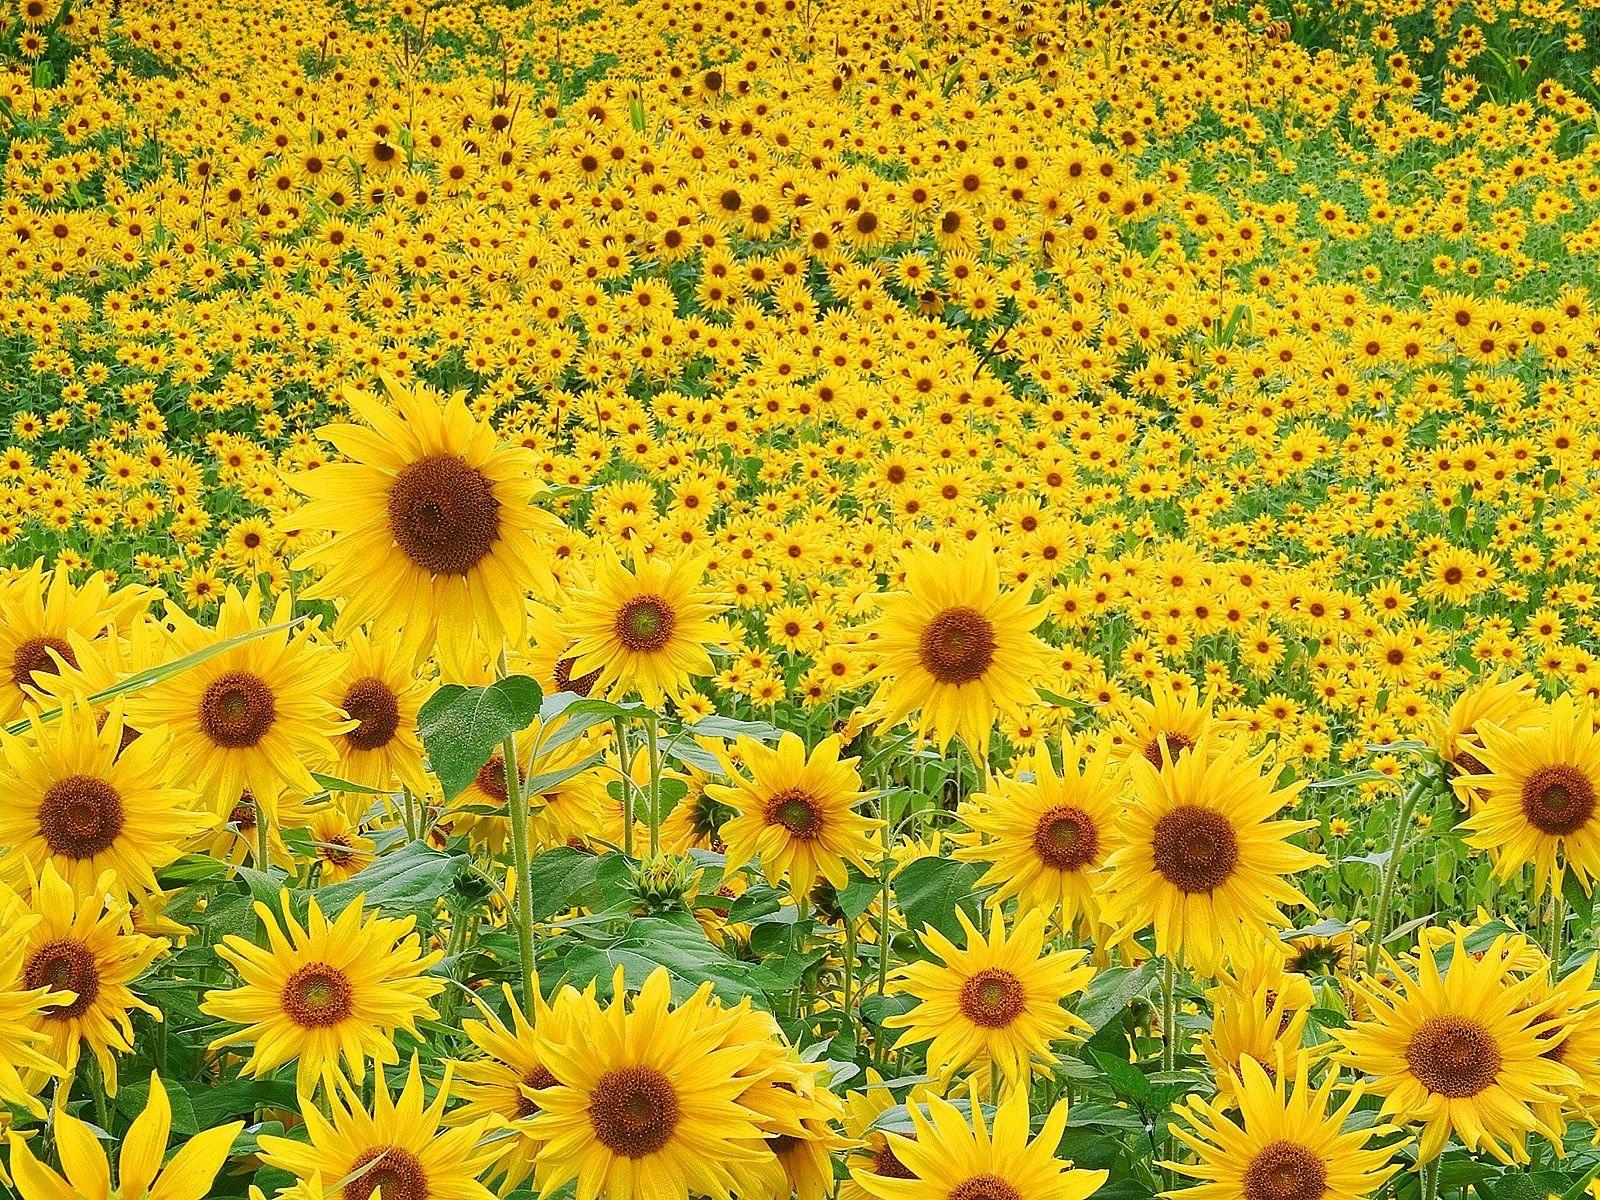 Paisajes Amarillos Campo De Girasoles Flor Girasol Girasoles